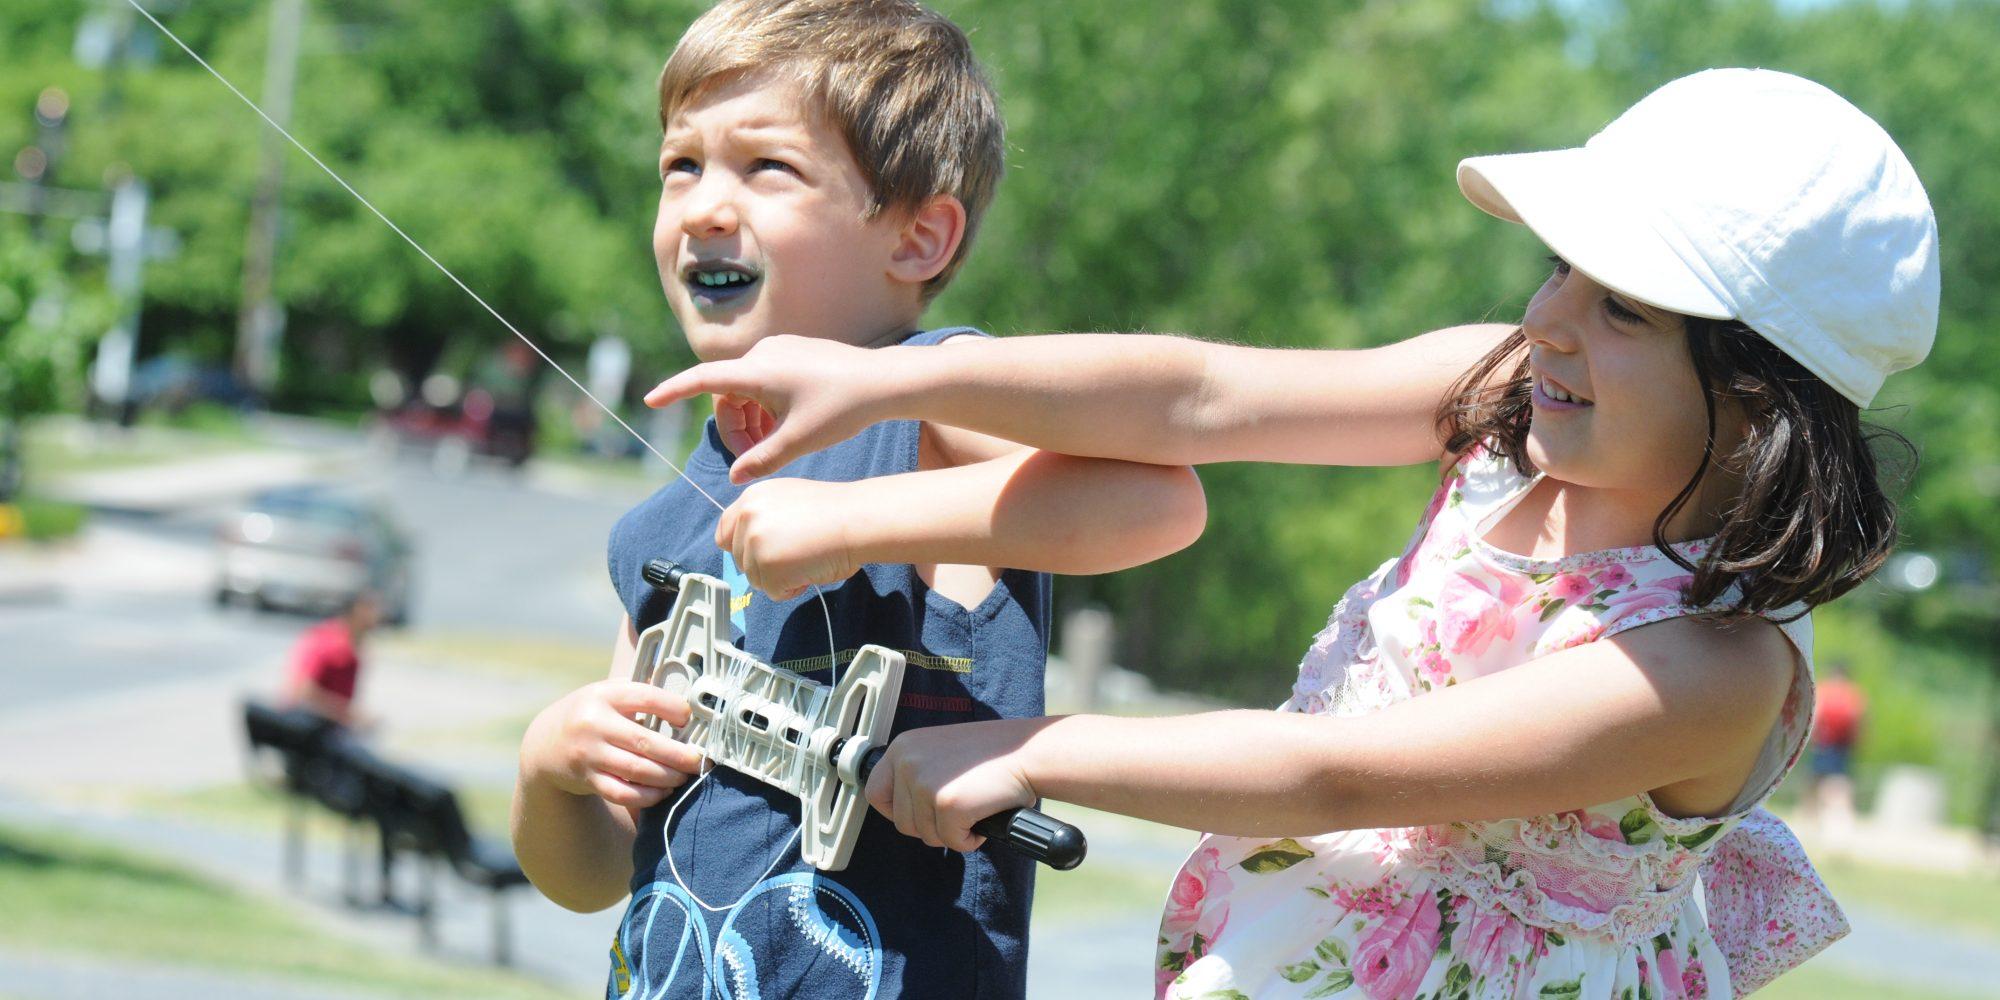 Enfant tourisme apprentissage